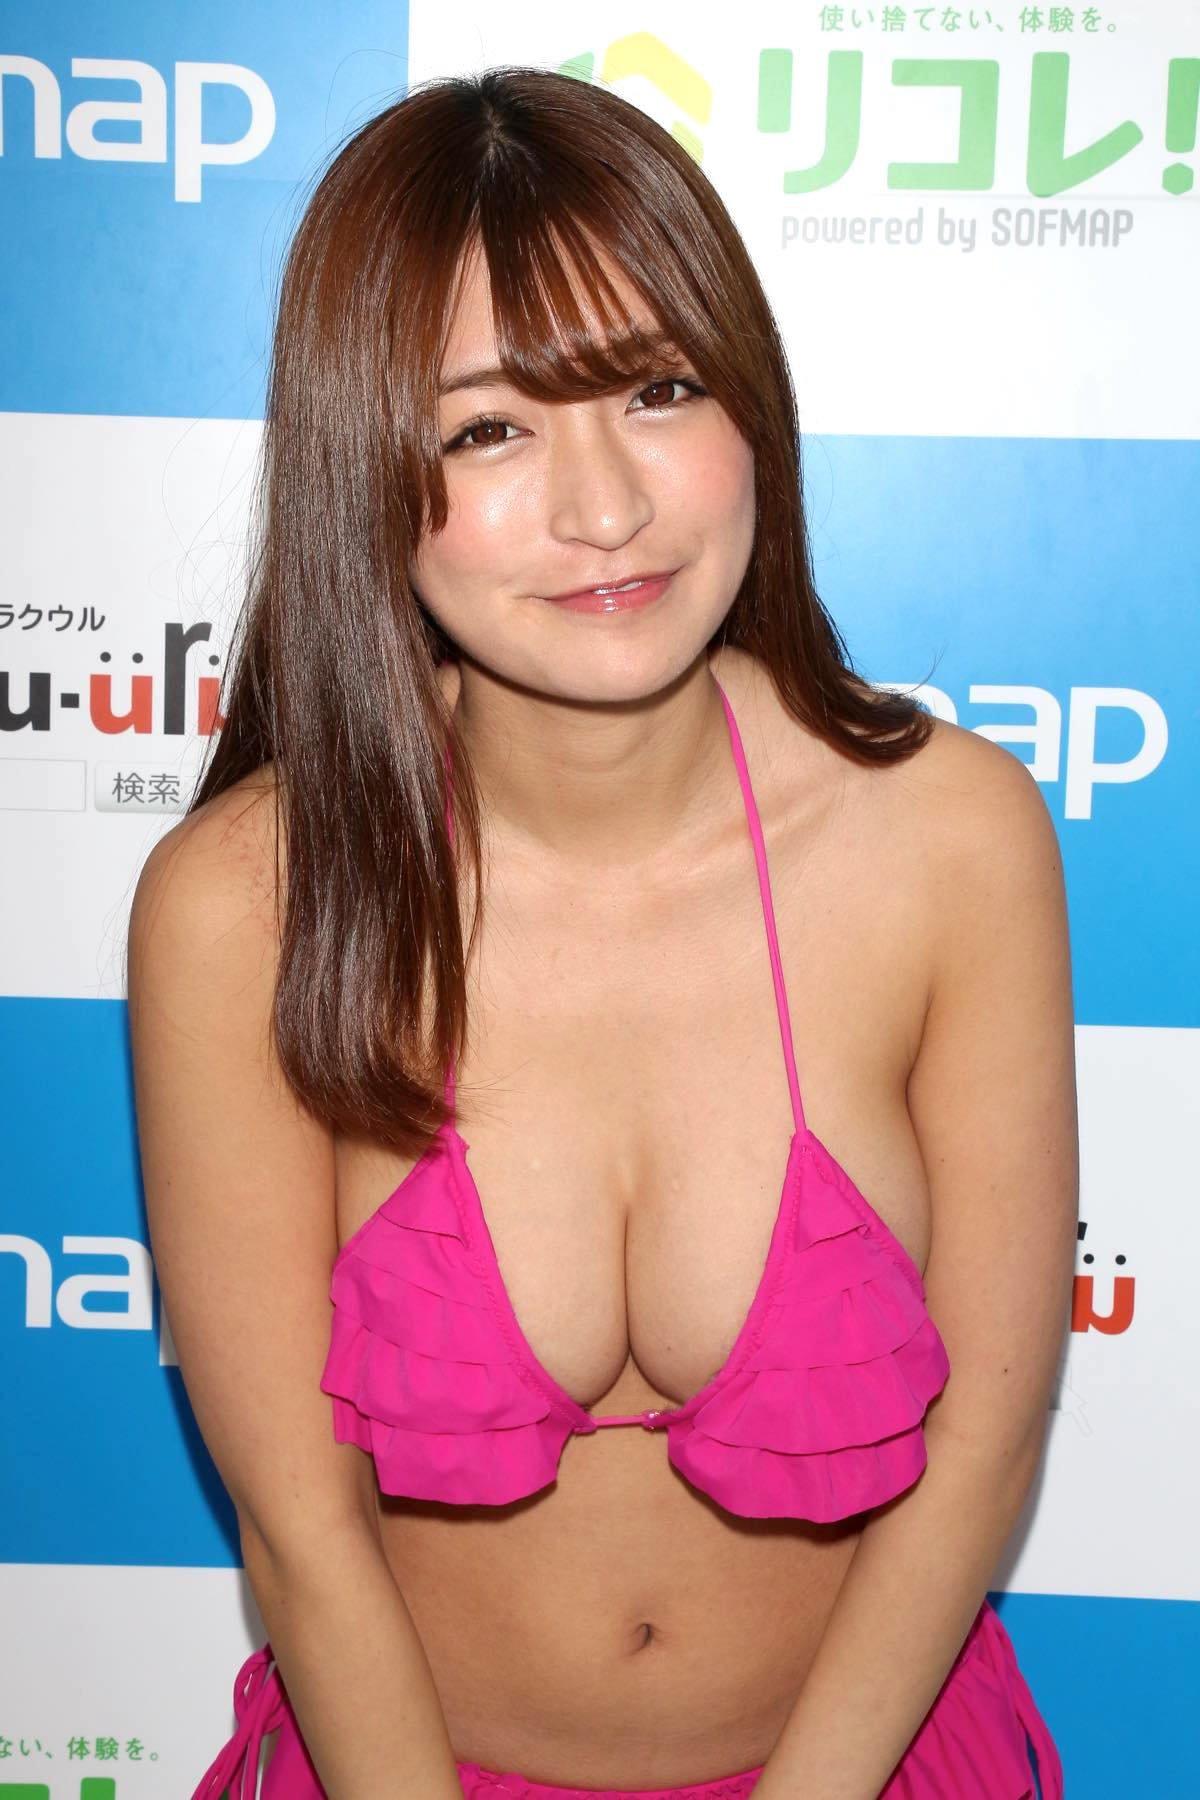 ☆HOSHINO「シャツがどんどん透けちゃう」エプロンはほぼ裸!【写真35枚】の画像021